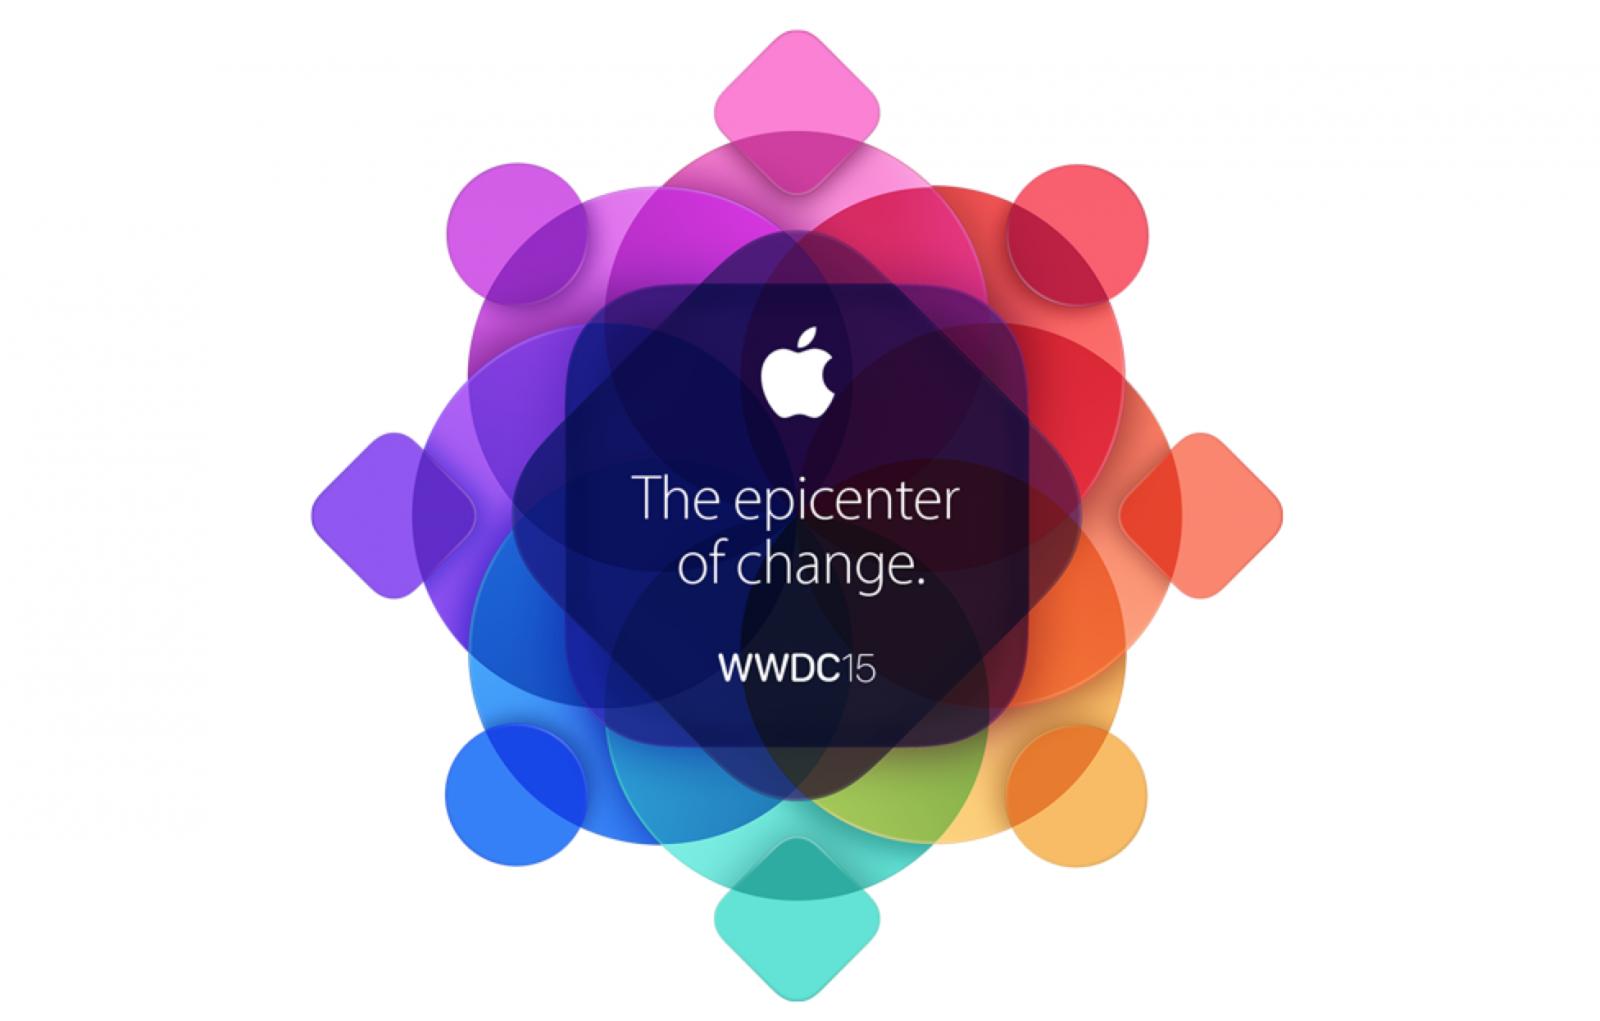 WWDC 2015 date announced